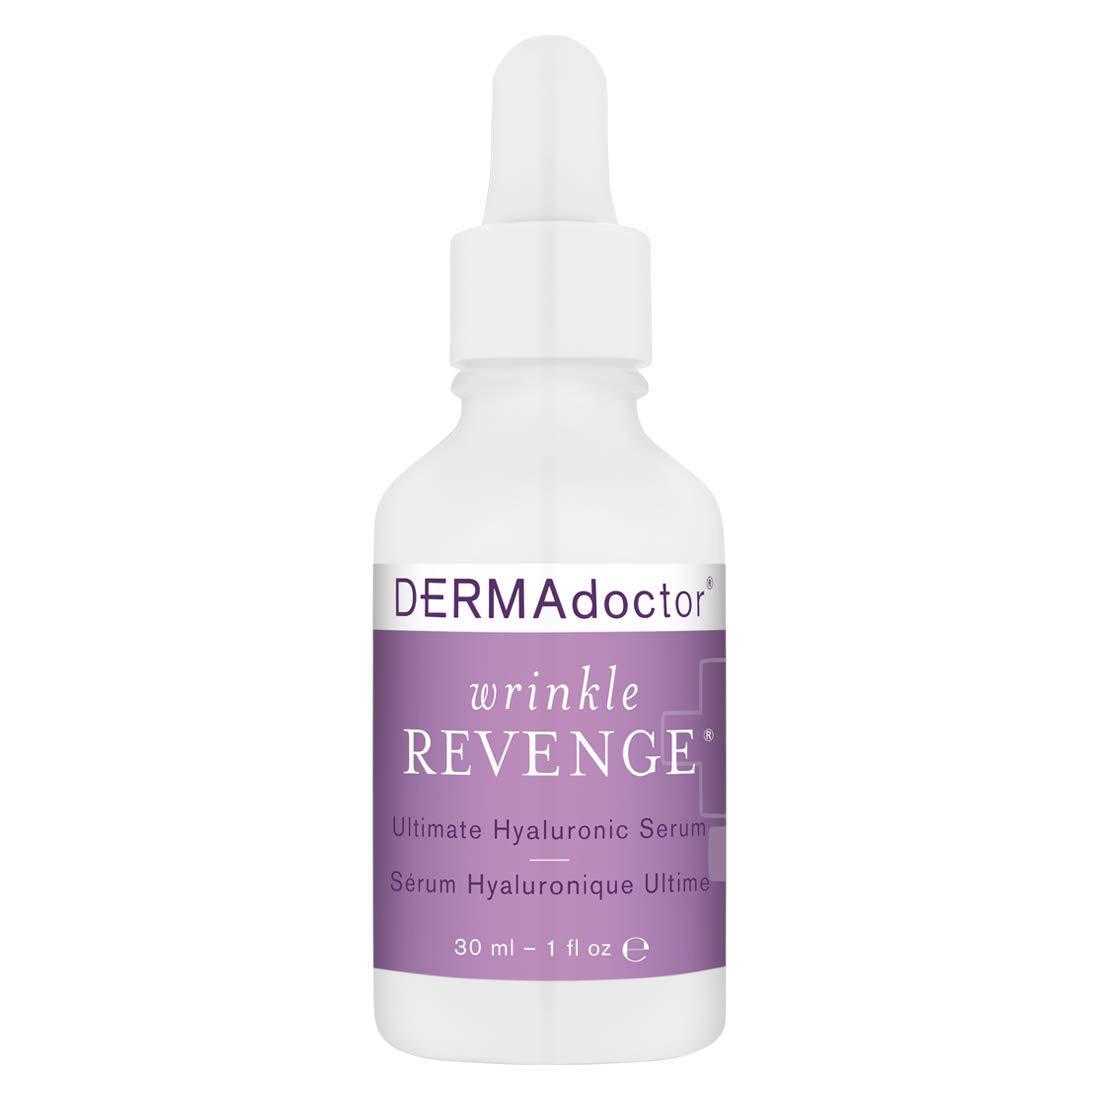 DERMAdoctor Wrinkle Revenge Ultimate Hyaluronic Serum, 1 oz